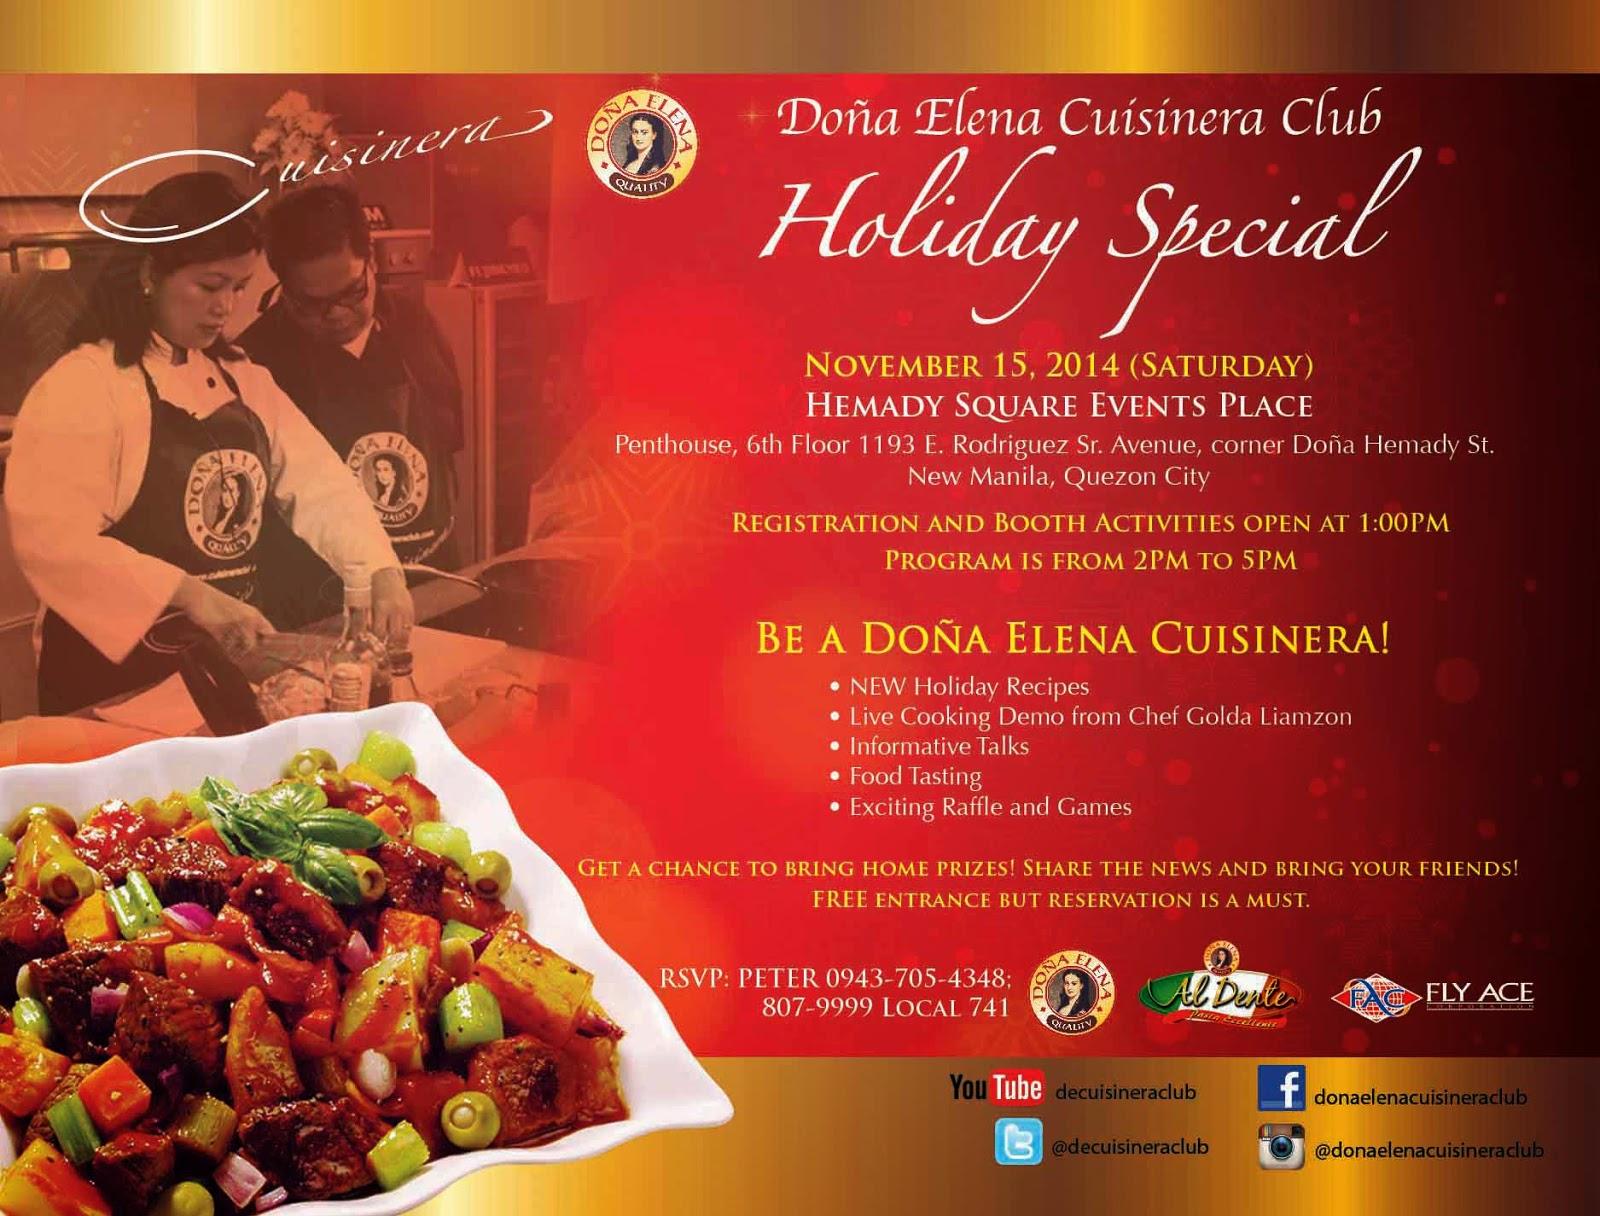 Celebrate Holiday Season with Dona Elena Cuisinera Cub